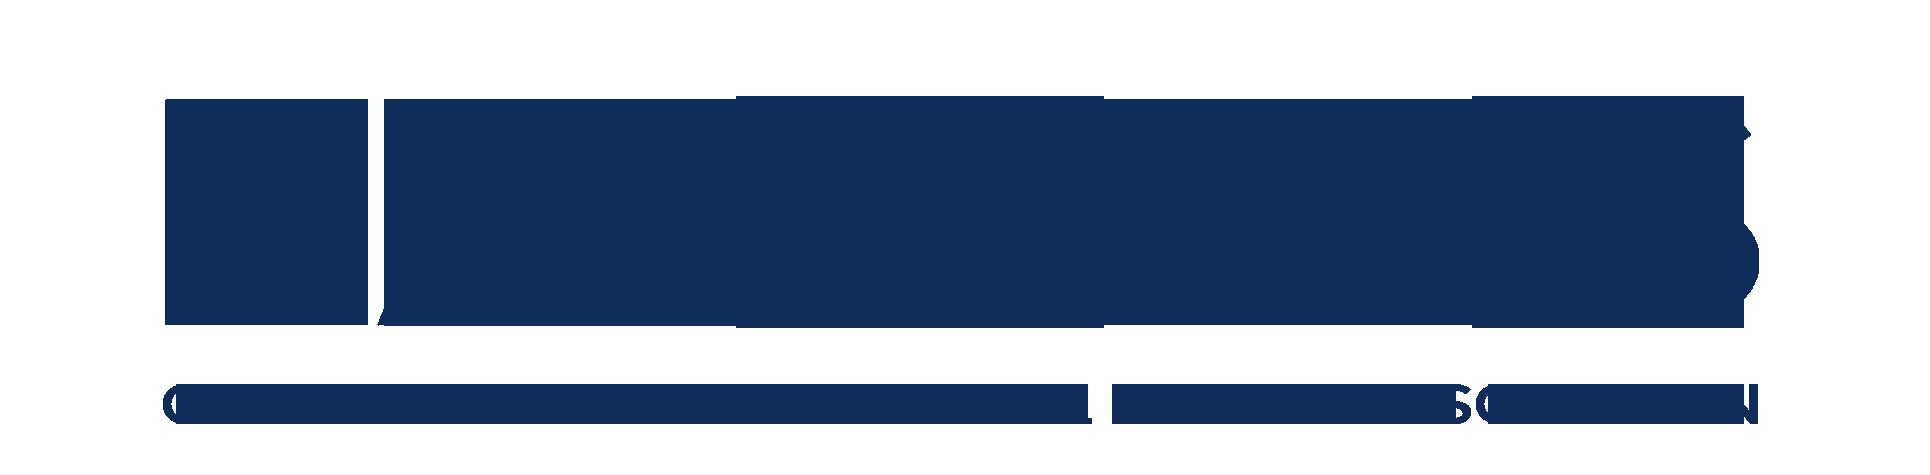 Paycips